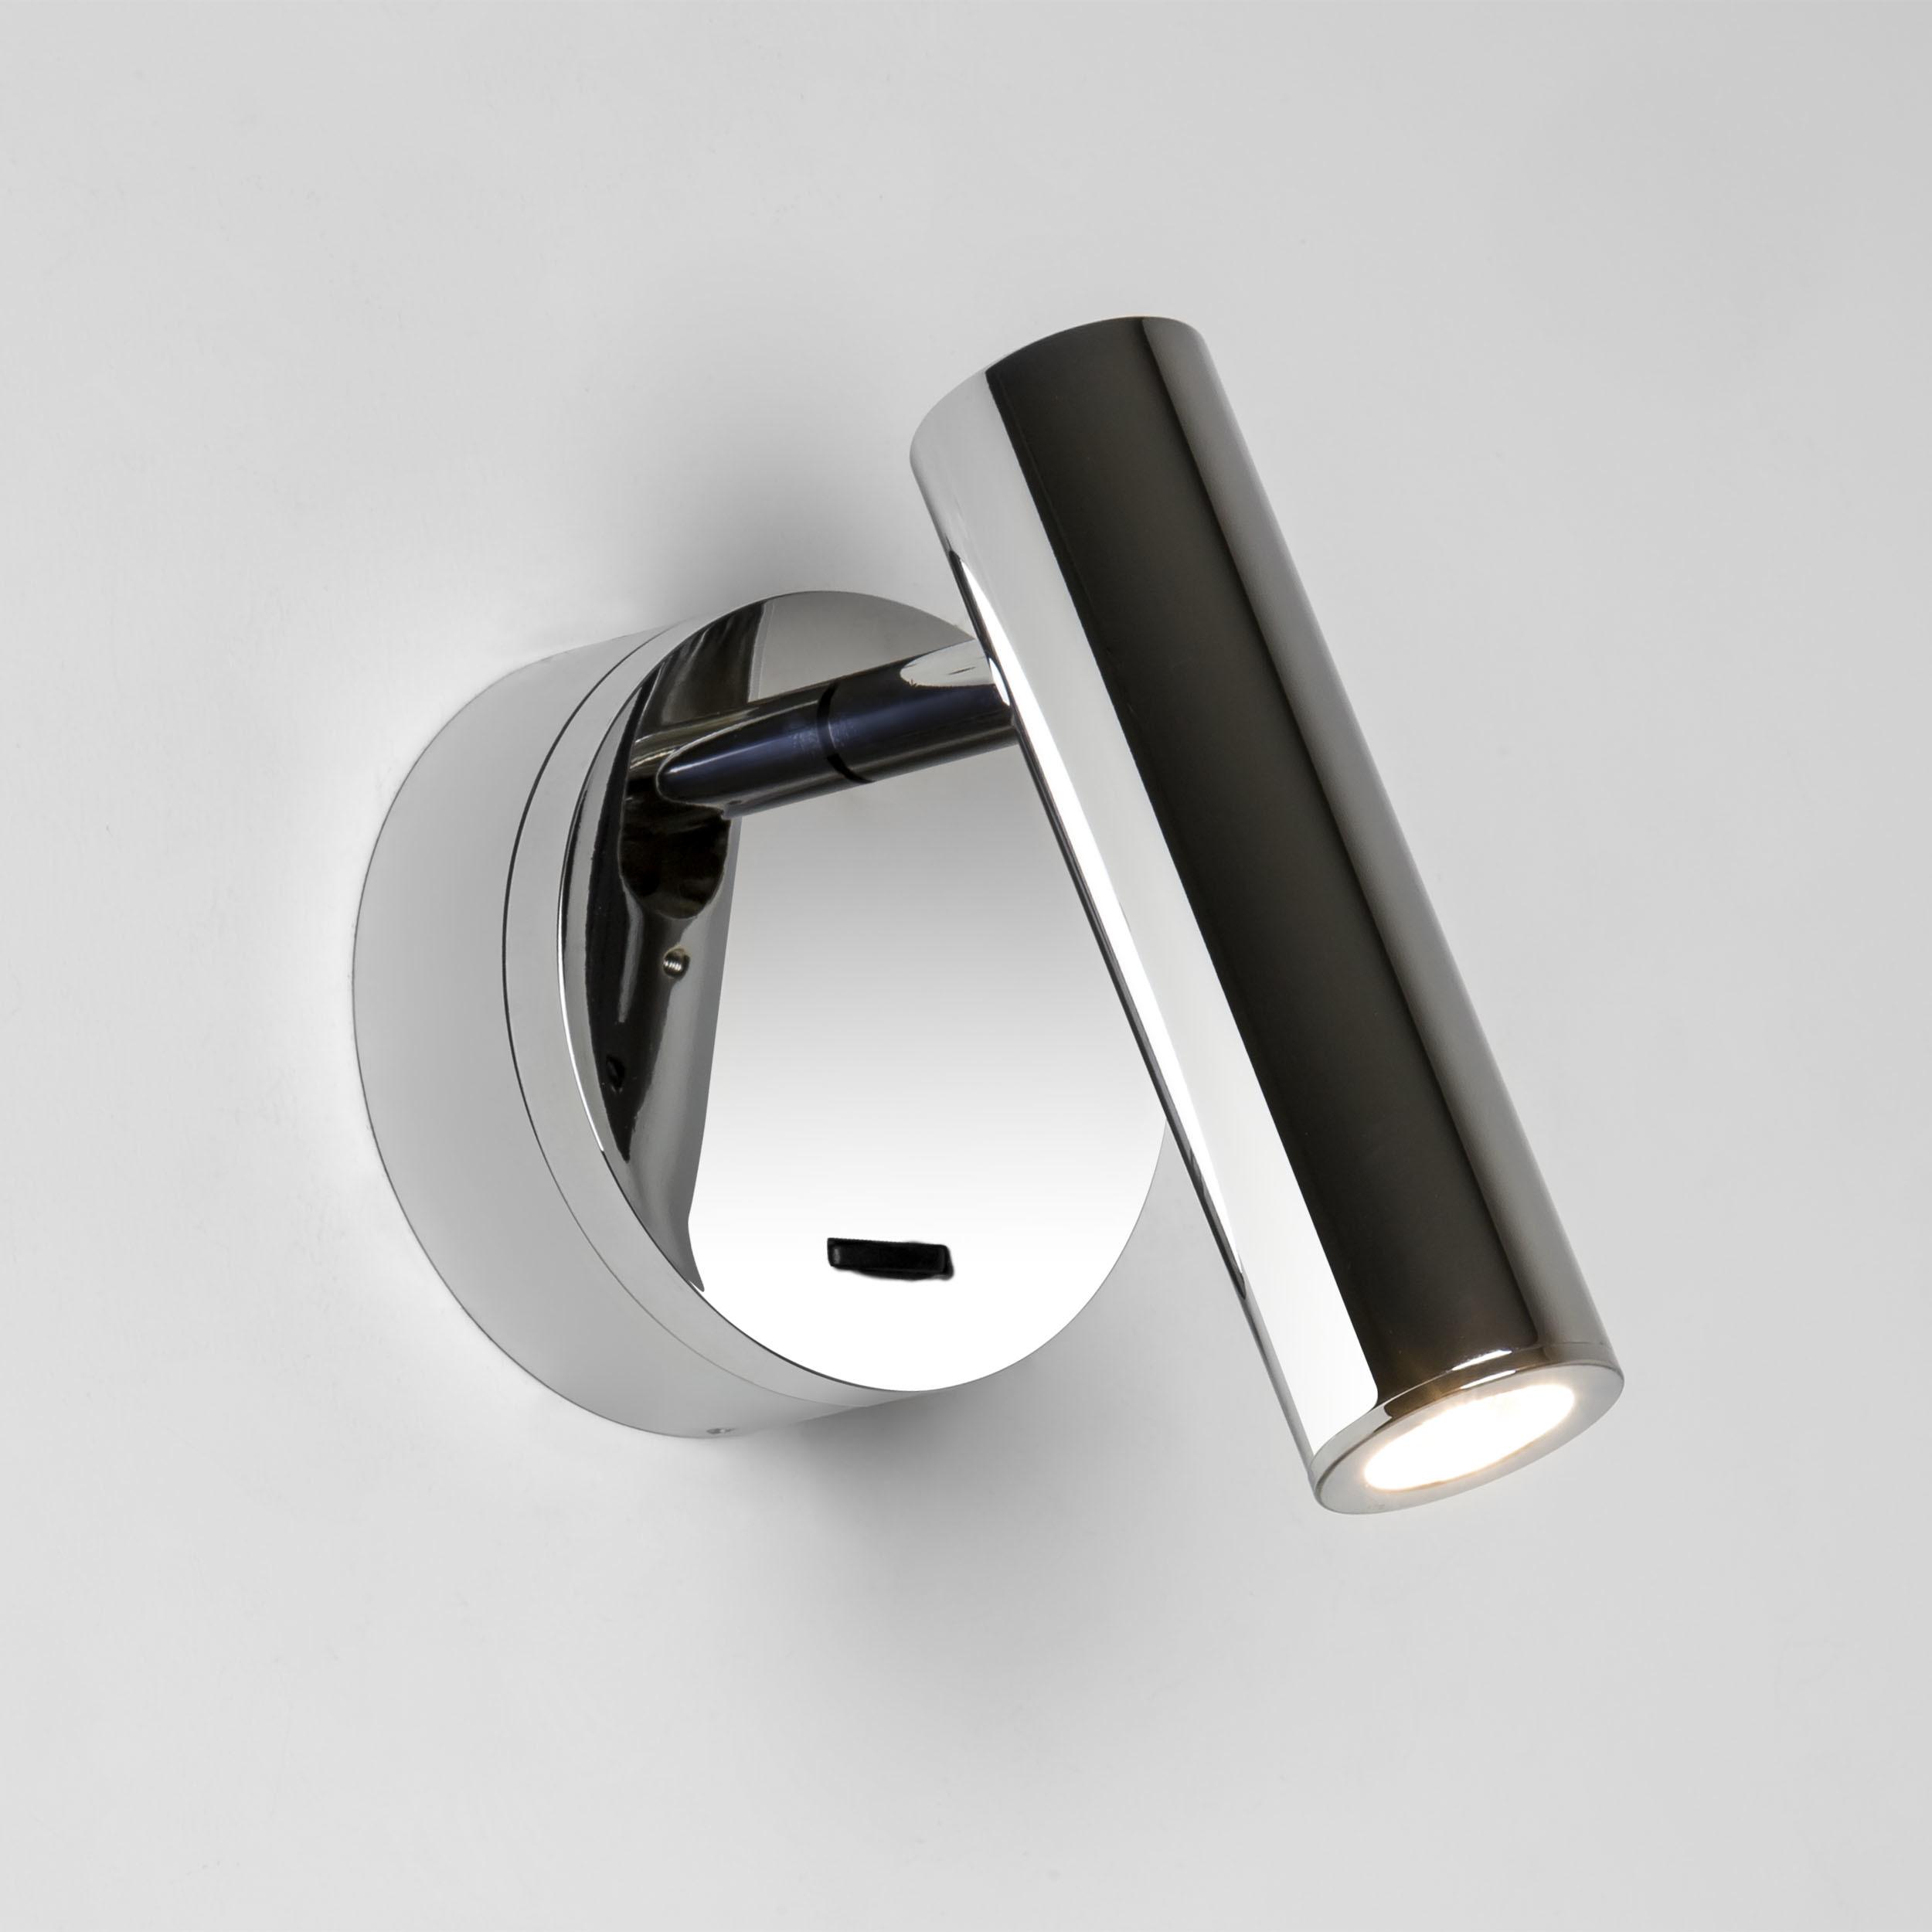 Настенный светодиодный светильник с регулировкой направления света Astro Enna LED 1058014 (7358), LED 4,47W 2700K 111.44lm CRI80, хром, металл - фото 1